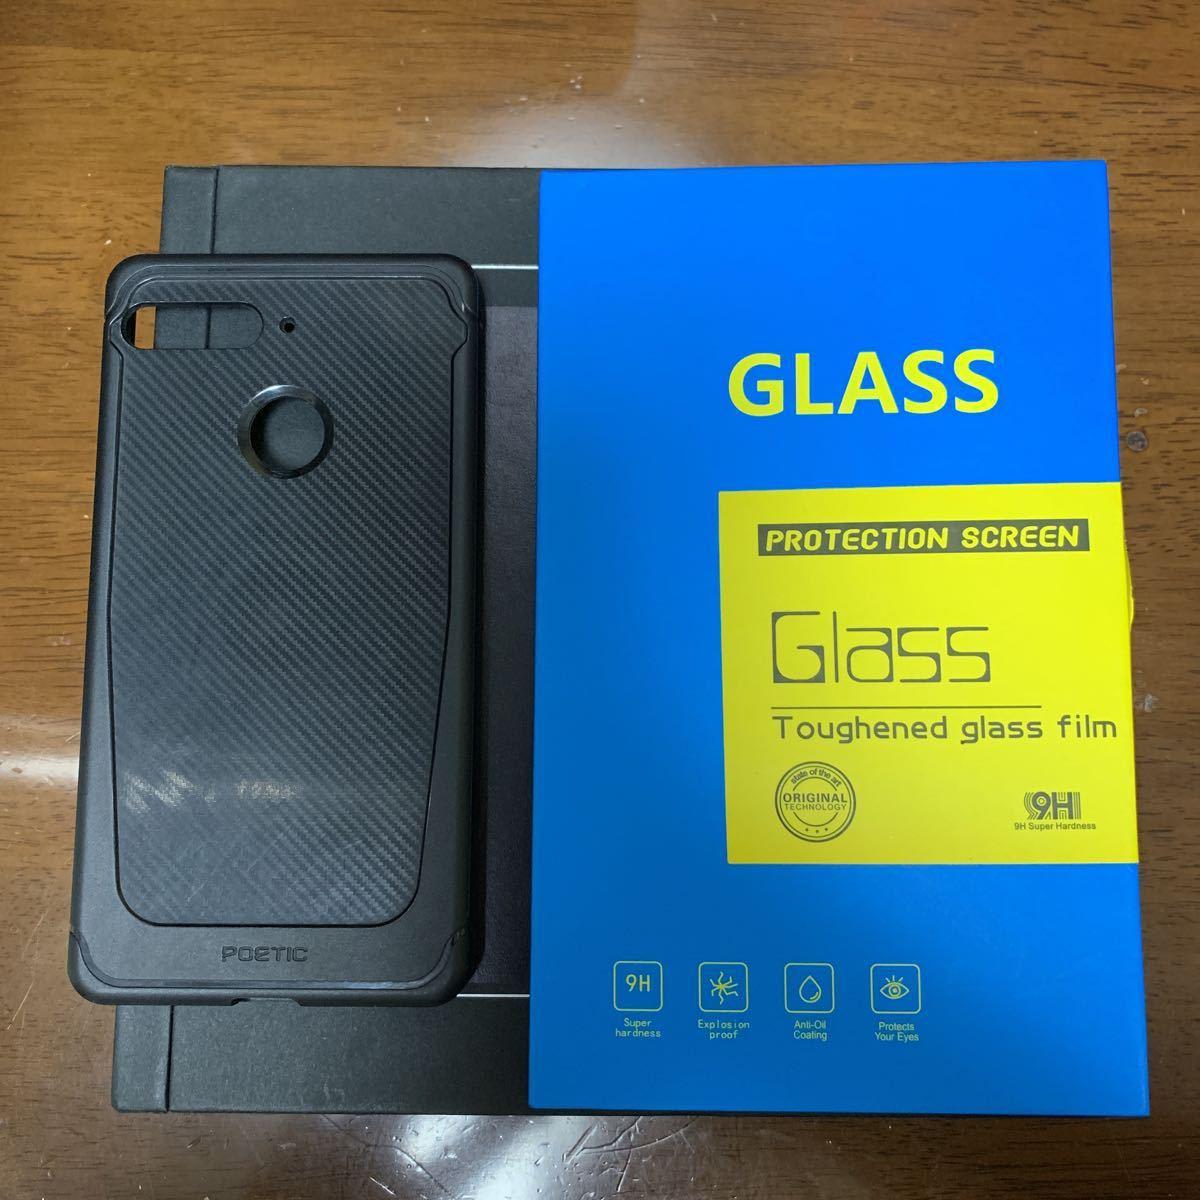 【送料無料・美品】Essential Phone PH-1 SIMフリー版 128 GB / Pure White ピュアホワイト 新品ガラスフィルム付き_画像8